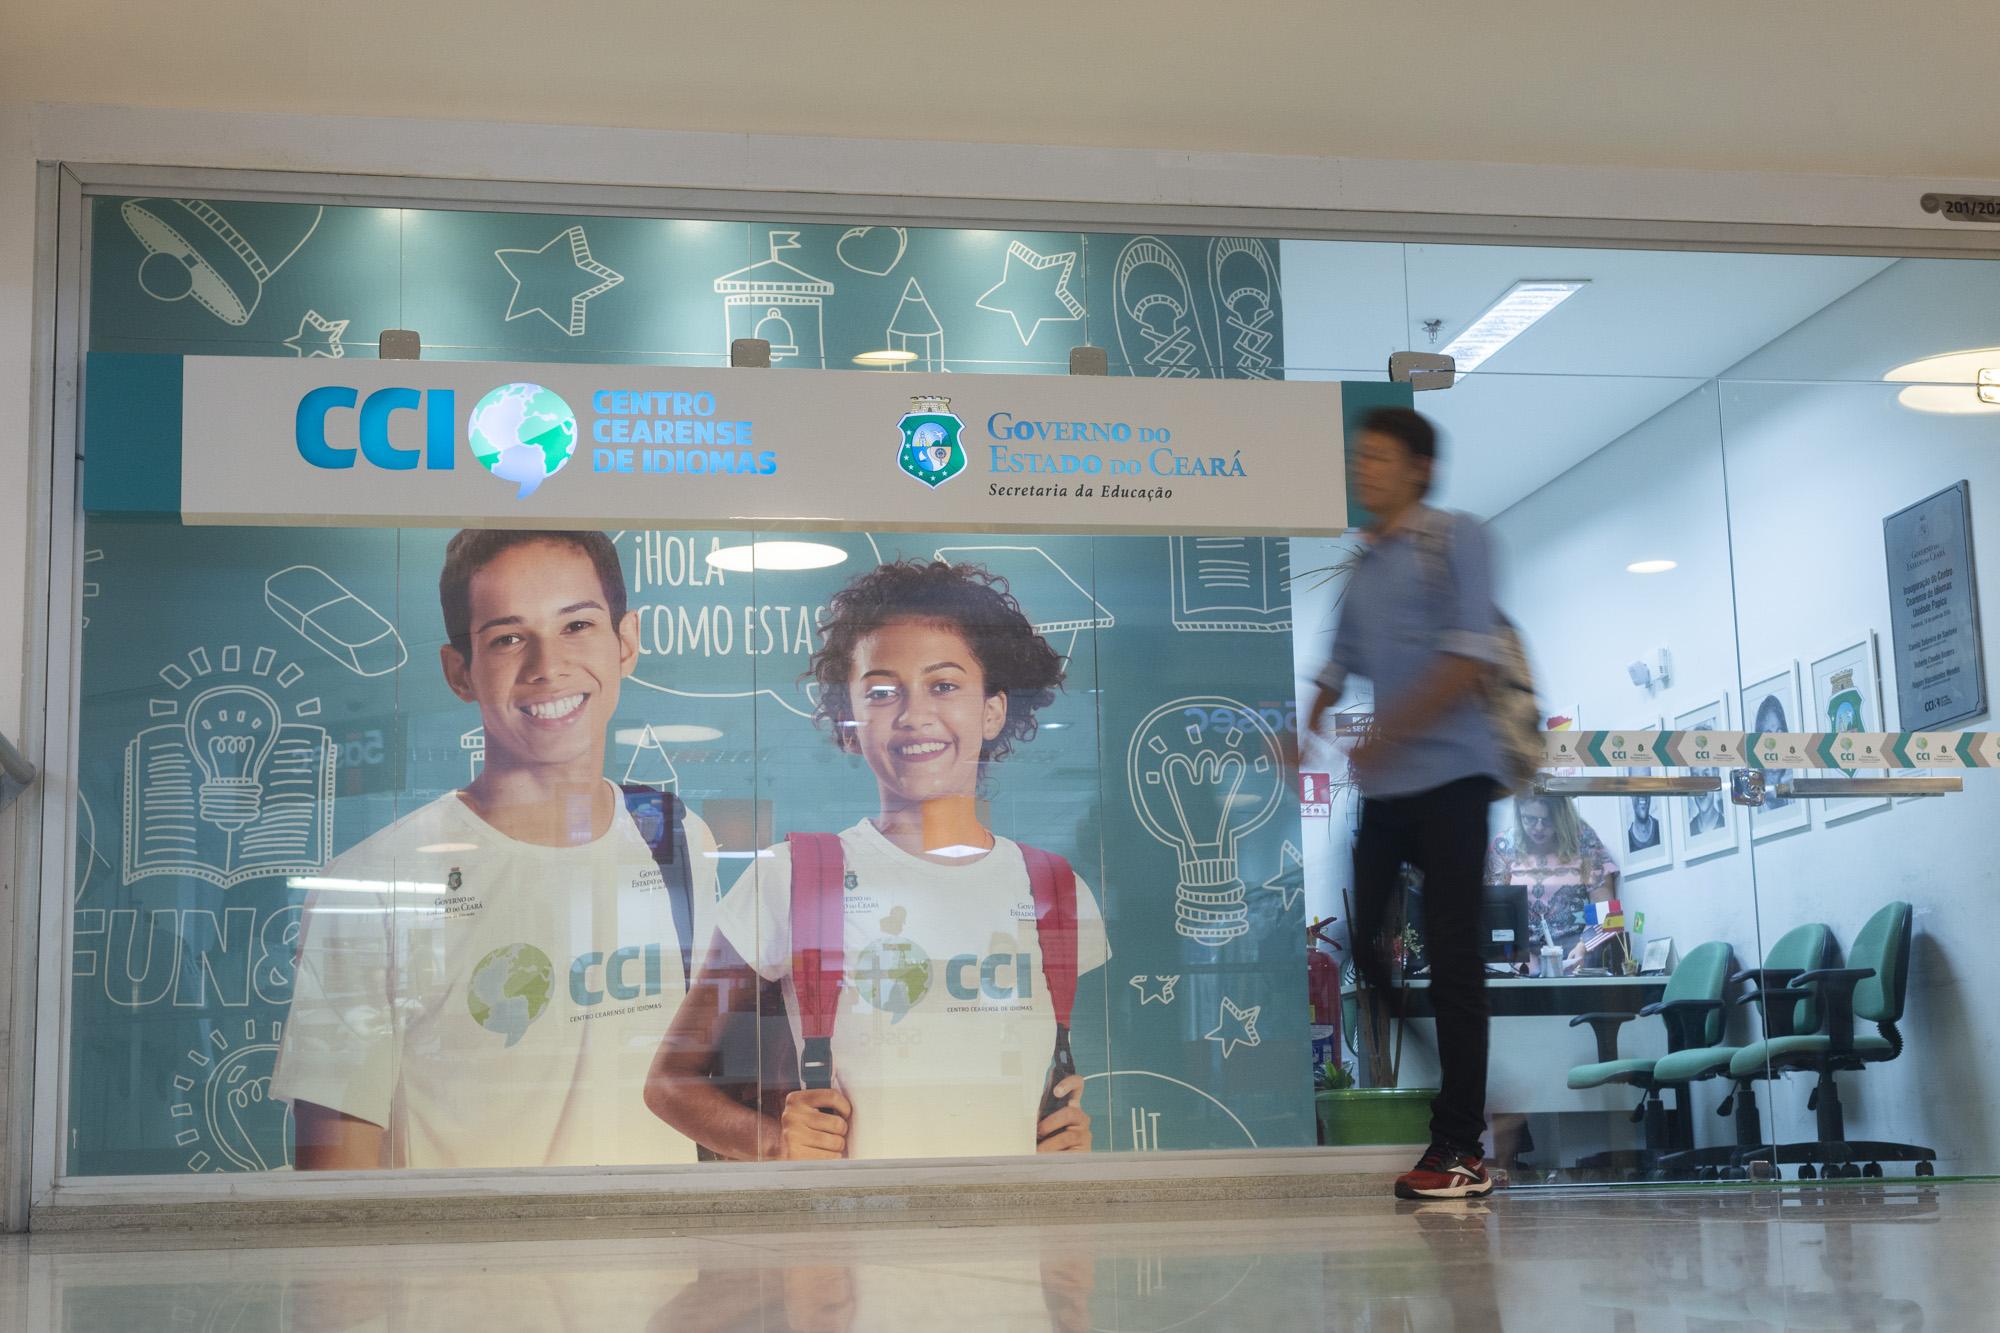 Centros Cearenses de Idiomas ampliam oportunidades para estudantes e professores da rede pública estadual